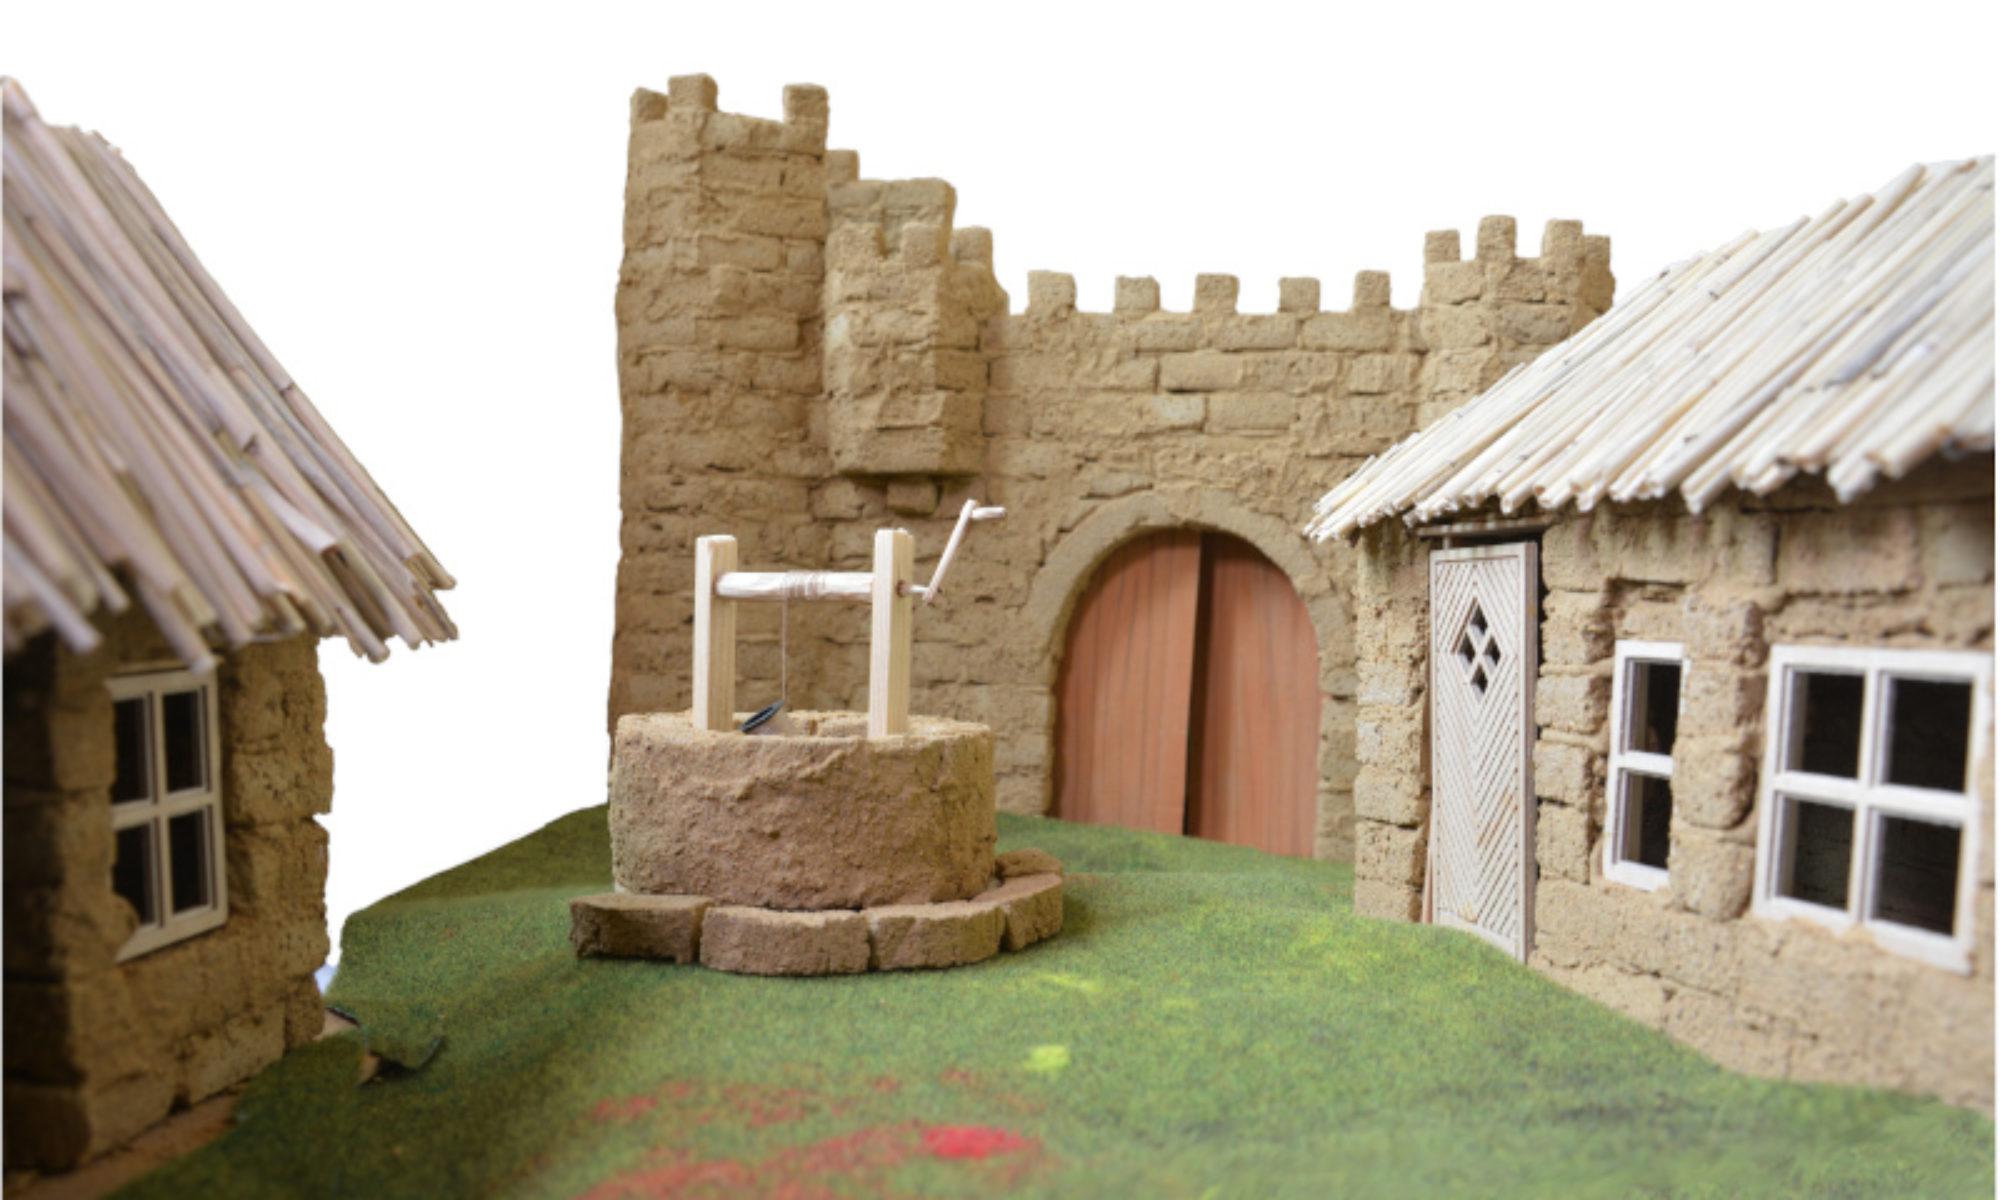 Lehmbau - Modellshop ist geschlossen